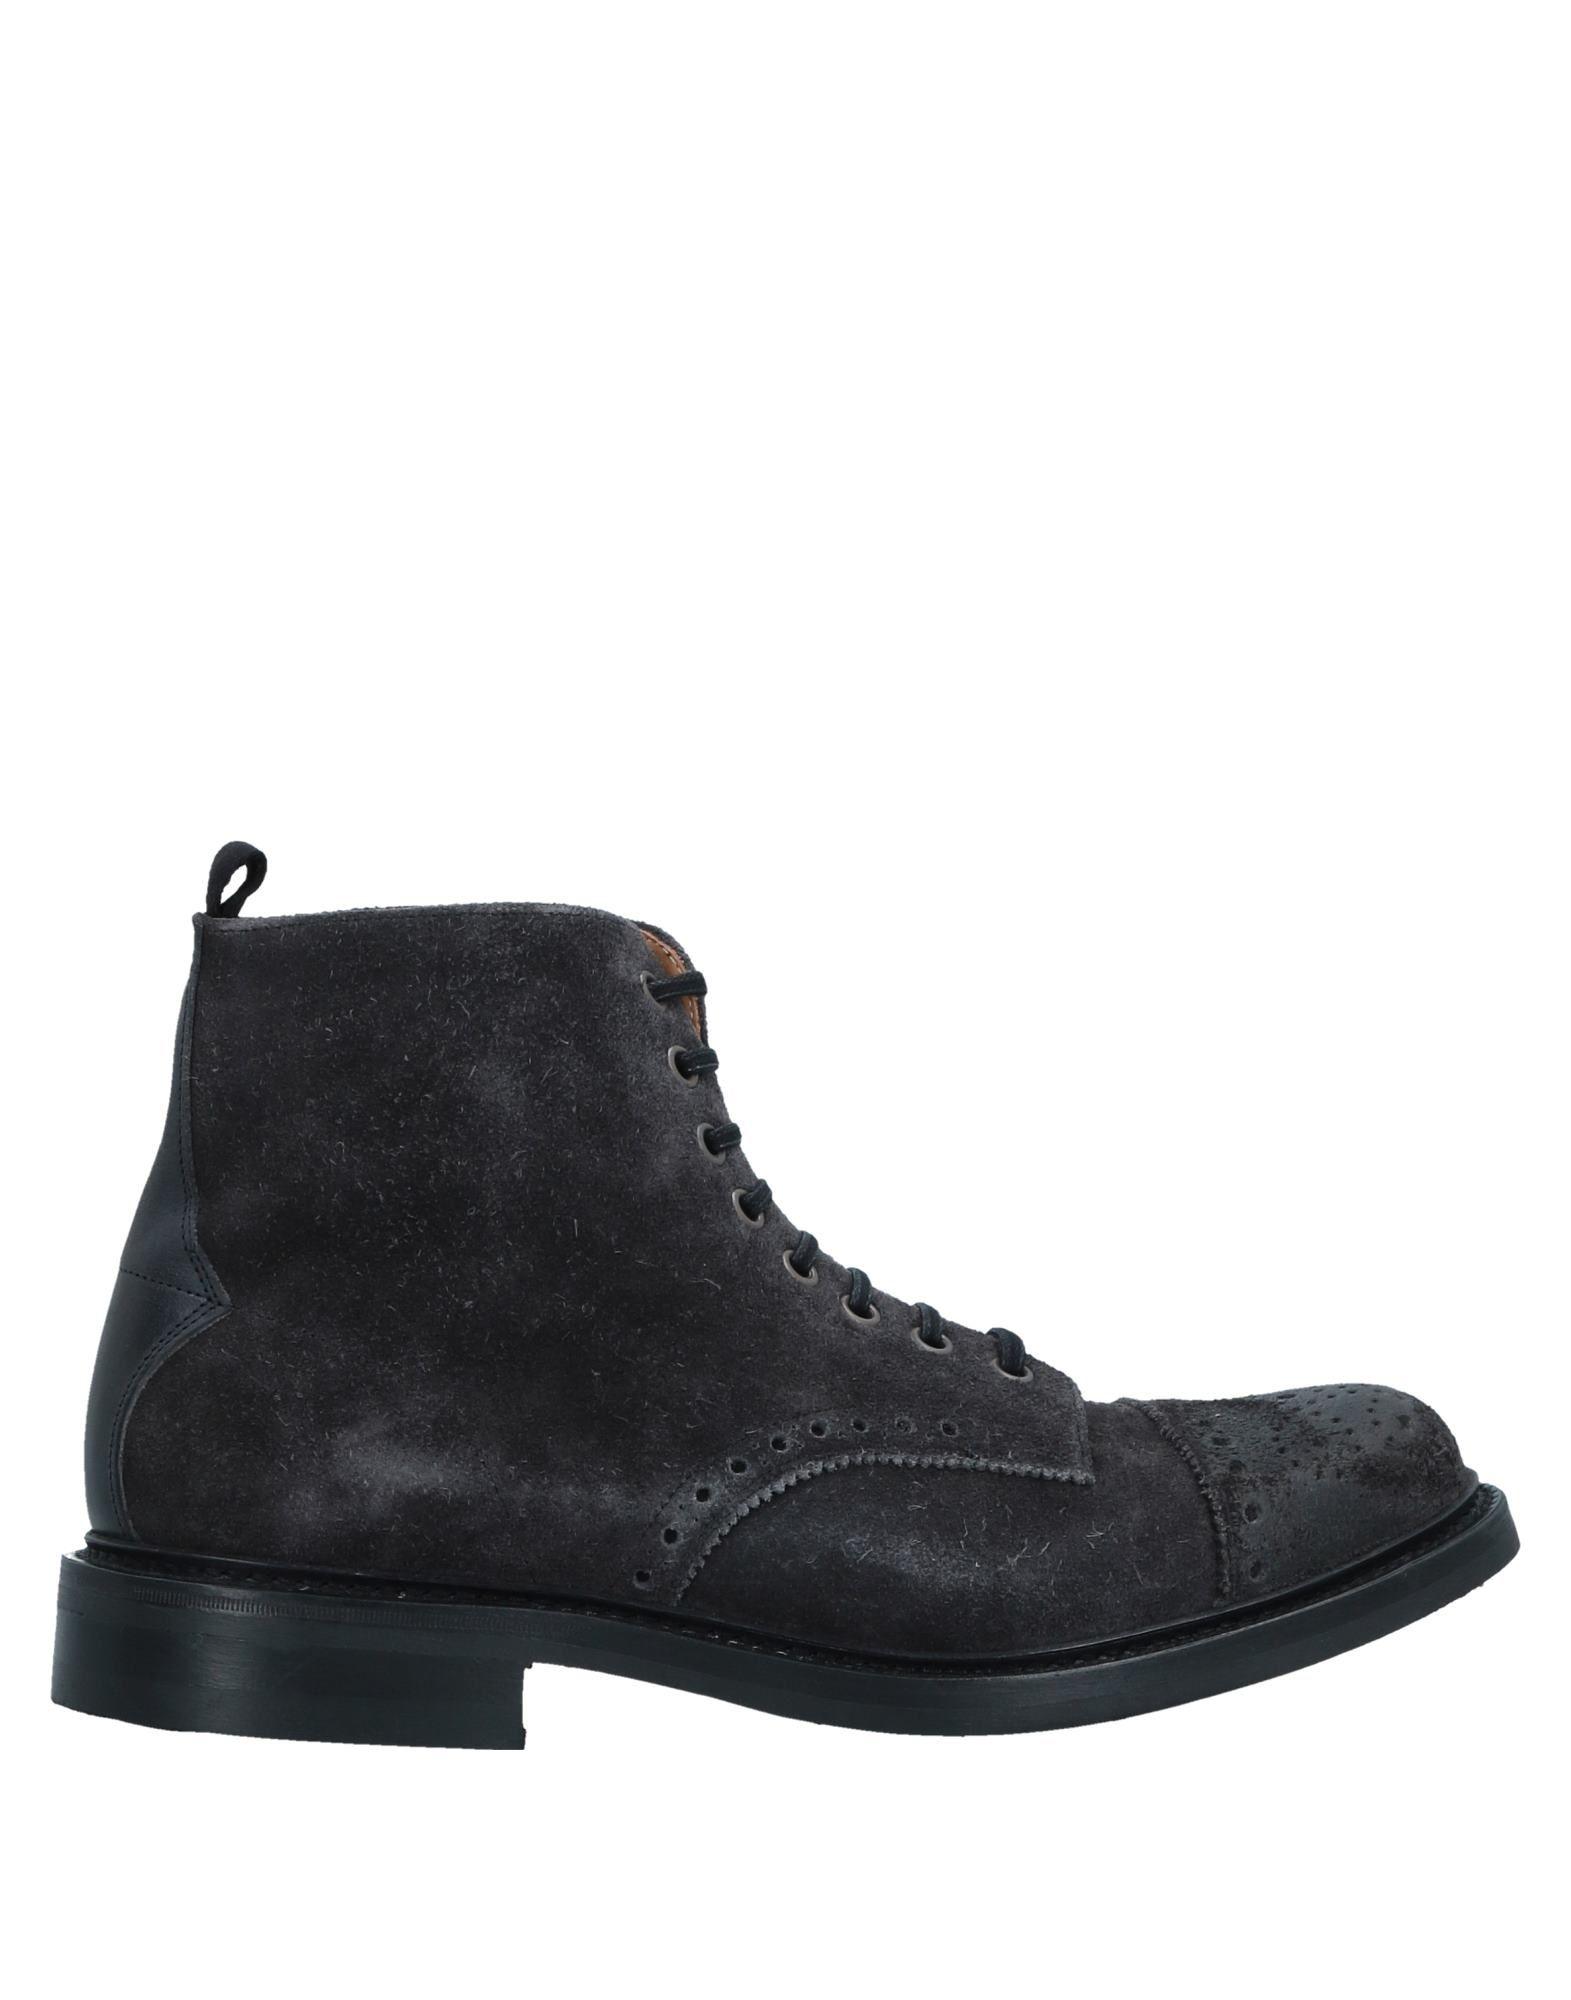 N.D.C. Made By Hand Stiefelette Herren  11514143CD Gute Qualität beliebte Schuhe